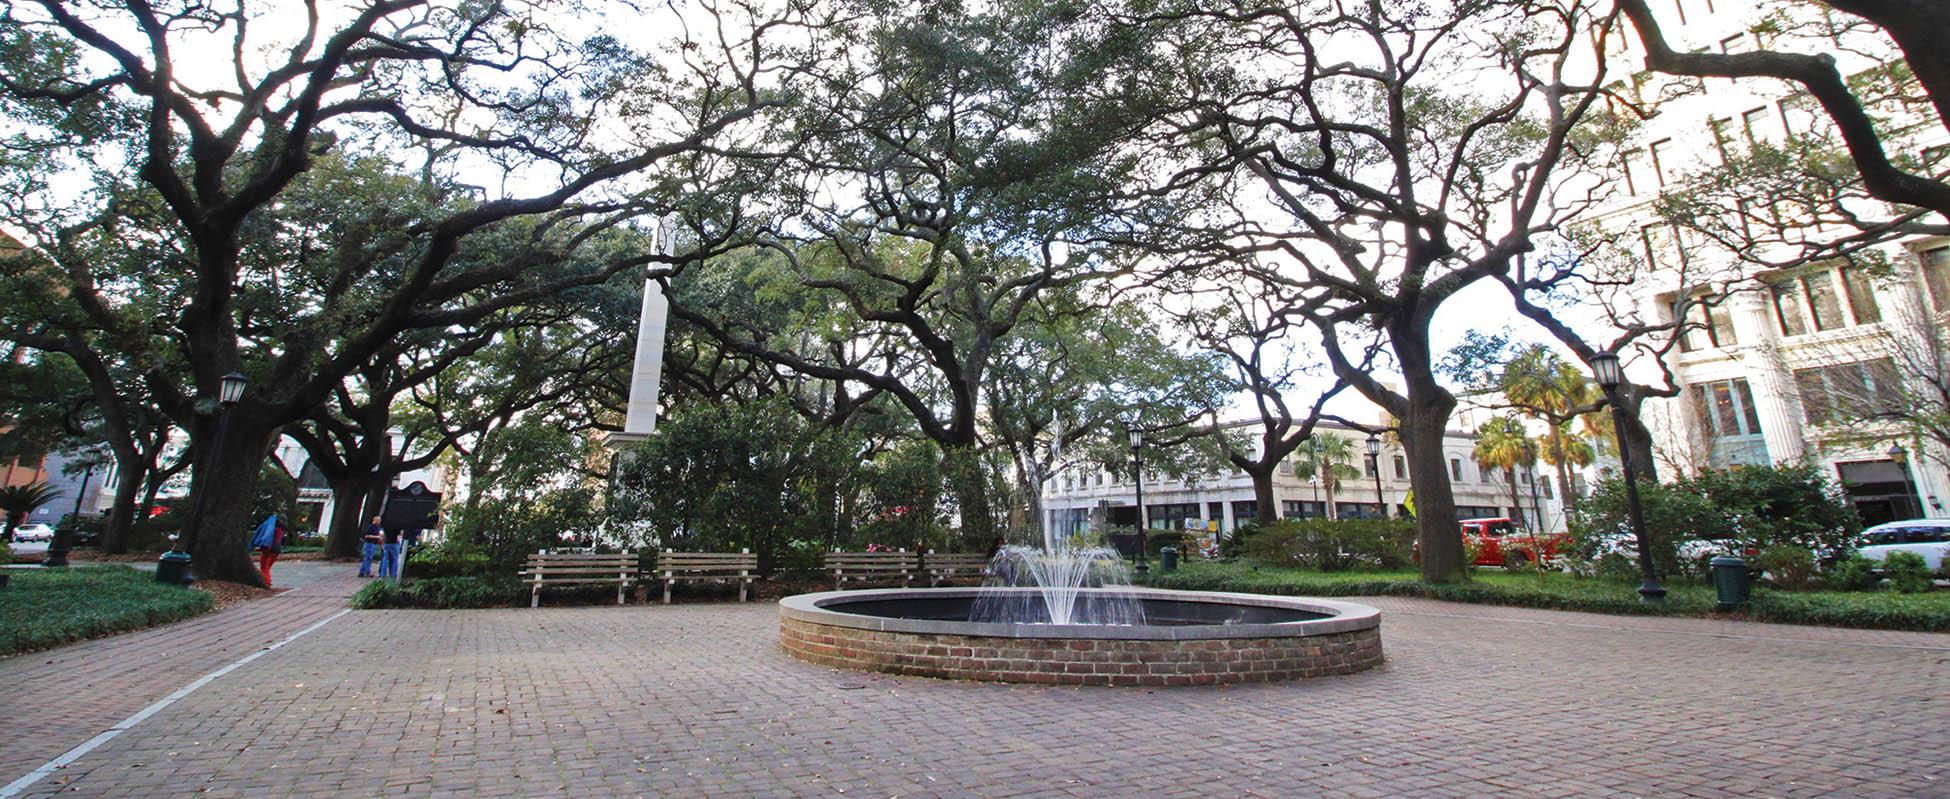 visit to Savannah